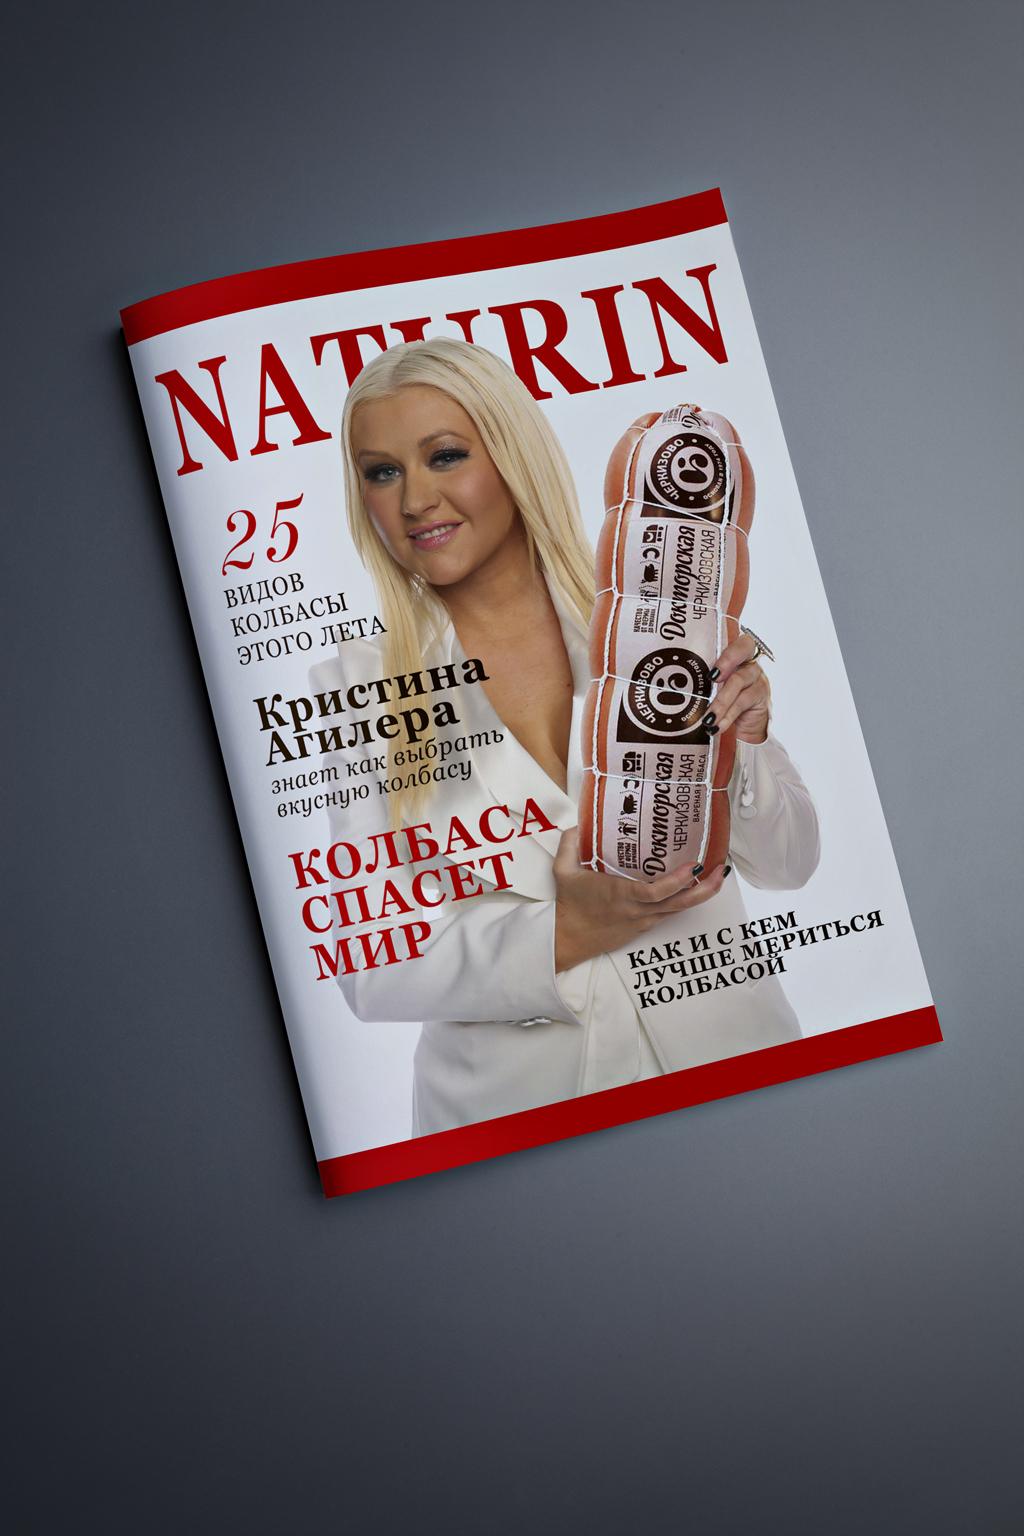 Полиграфический дизайн, Журнальный дизайн, Коллаж.  фото f_2065d6a5717bdfc2.jpg